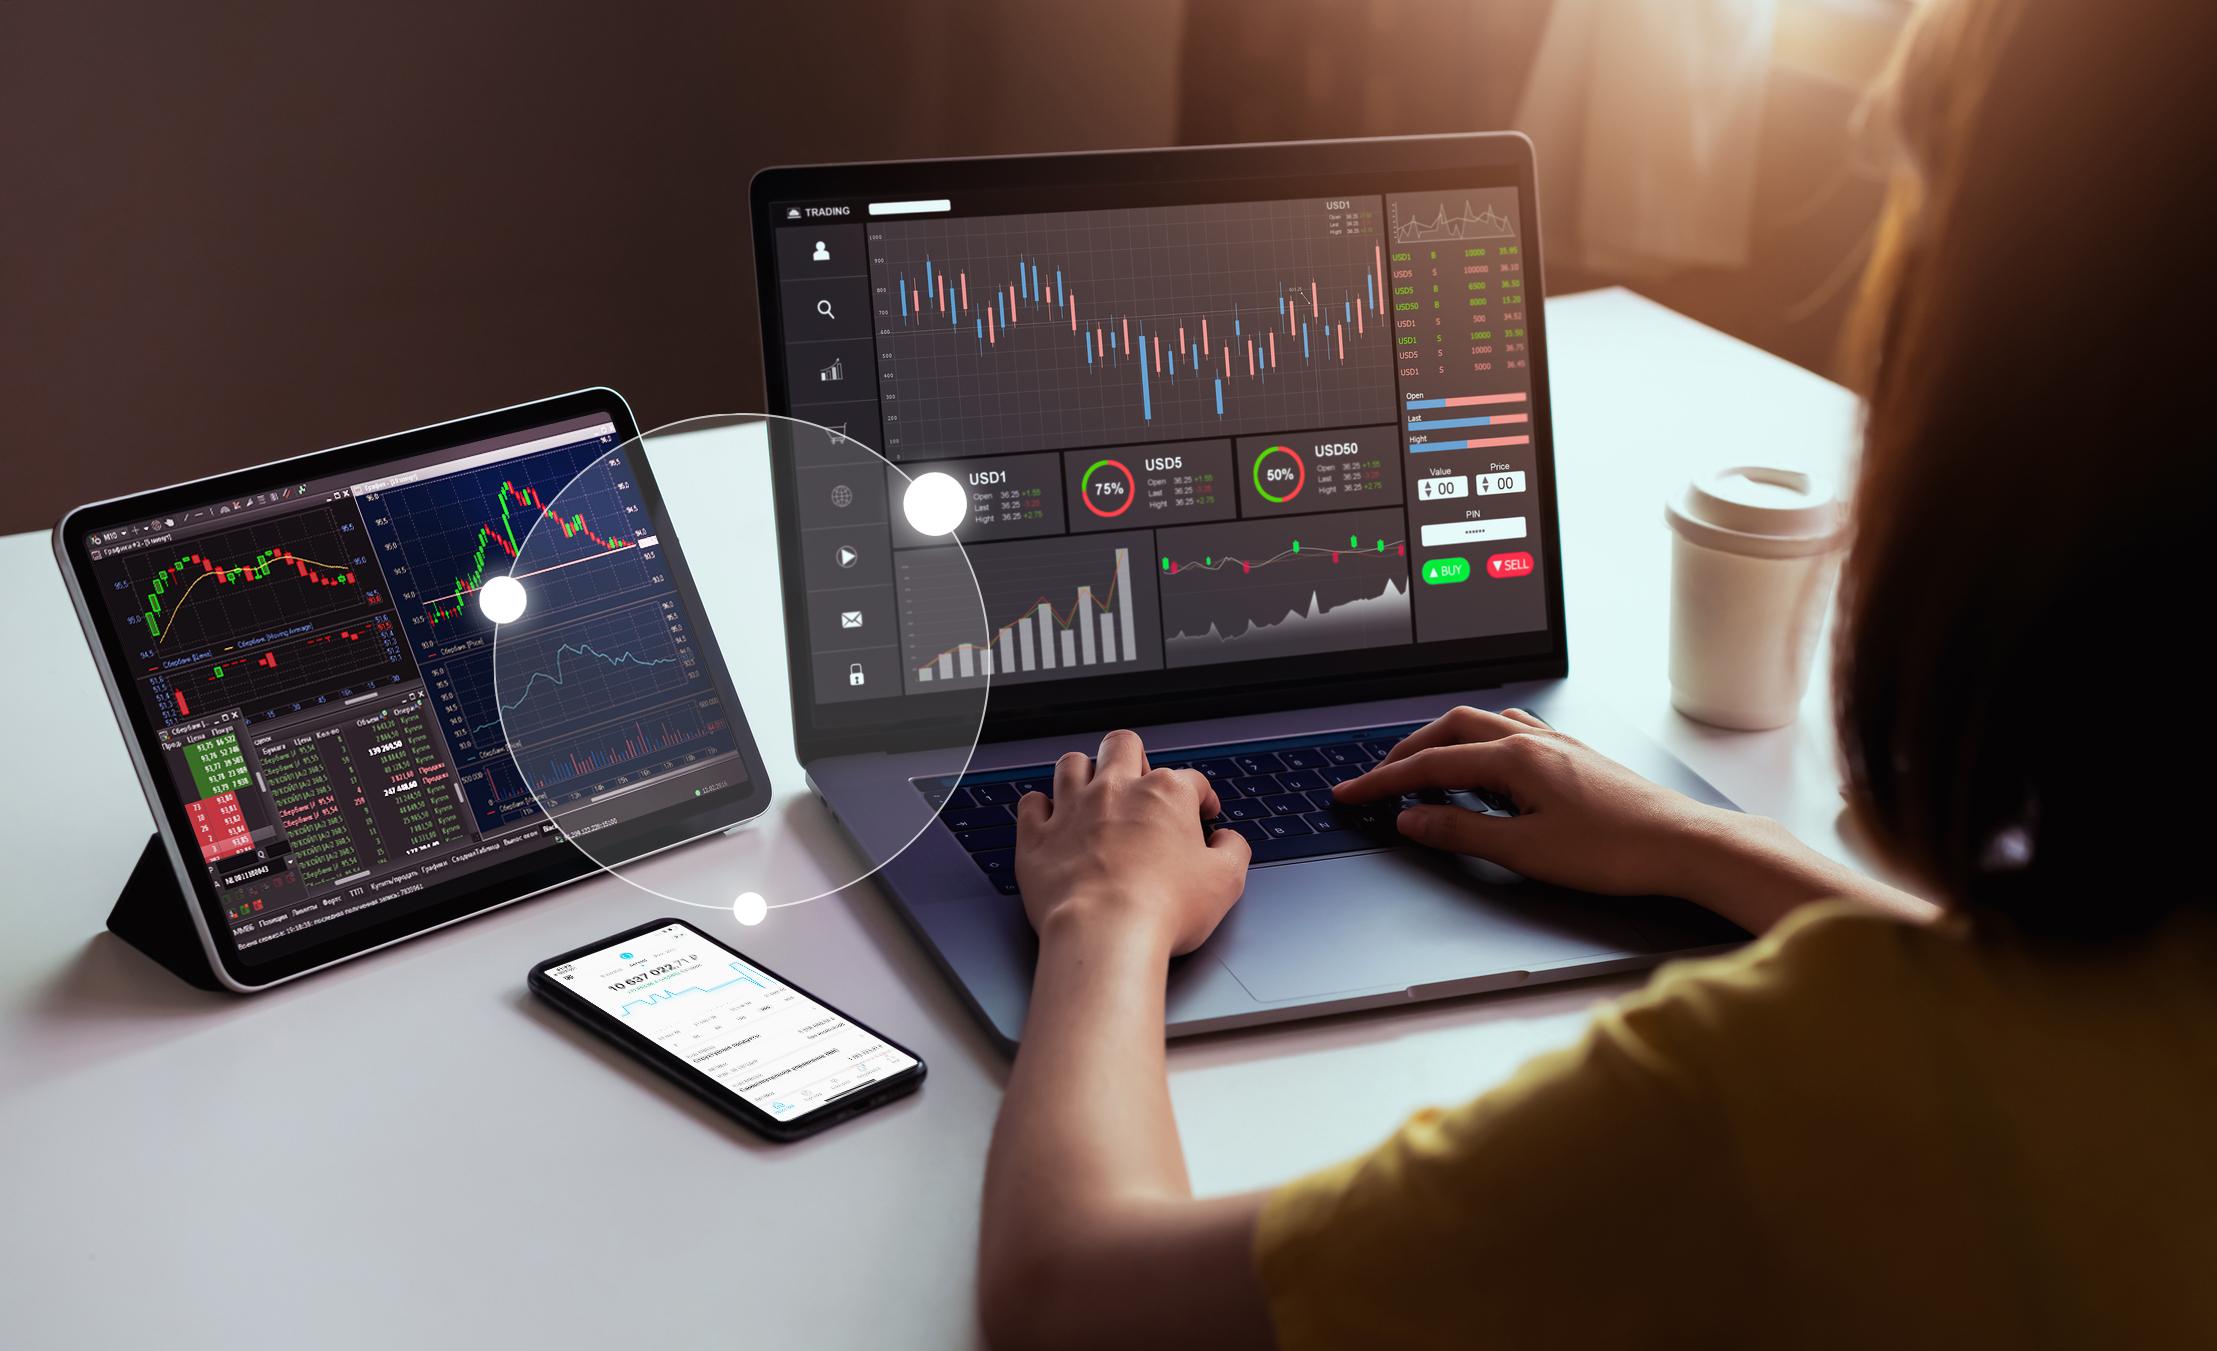 Изображение для новости: Единый брокерский счёт – лучшее решение для клиентов, торгующих на разных рынках